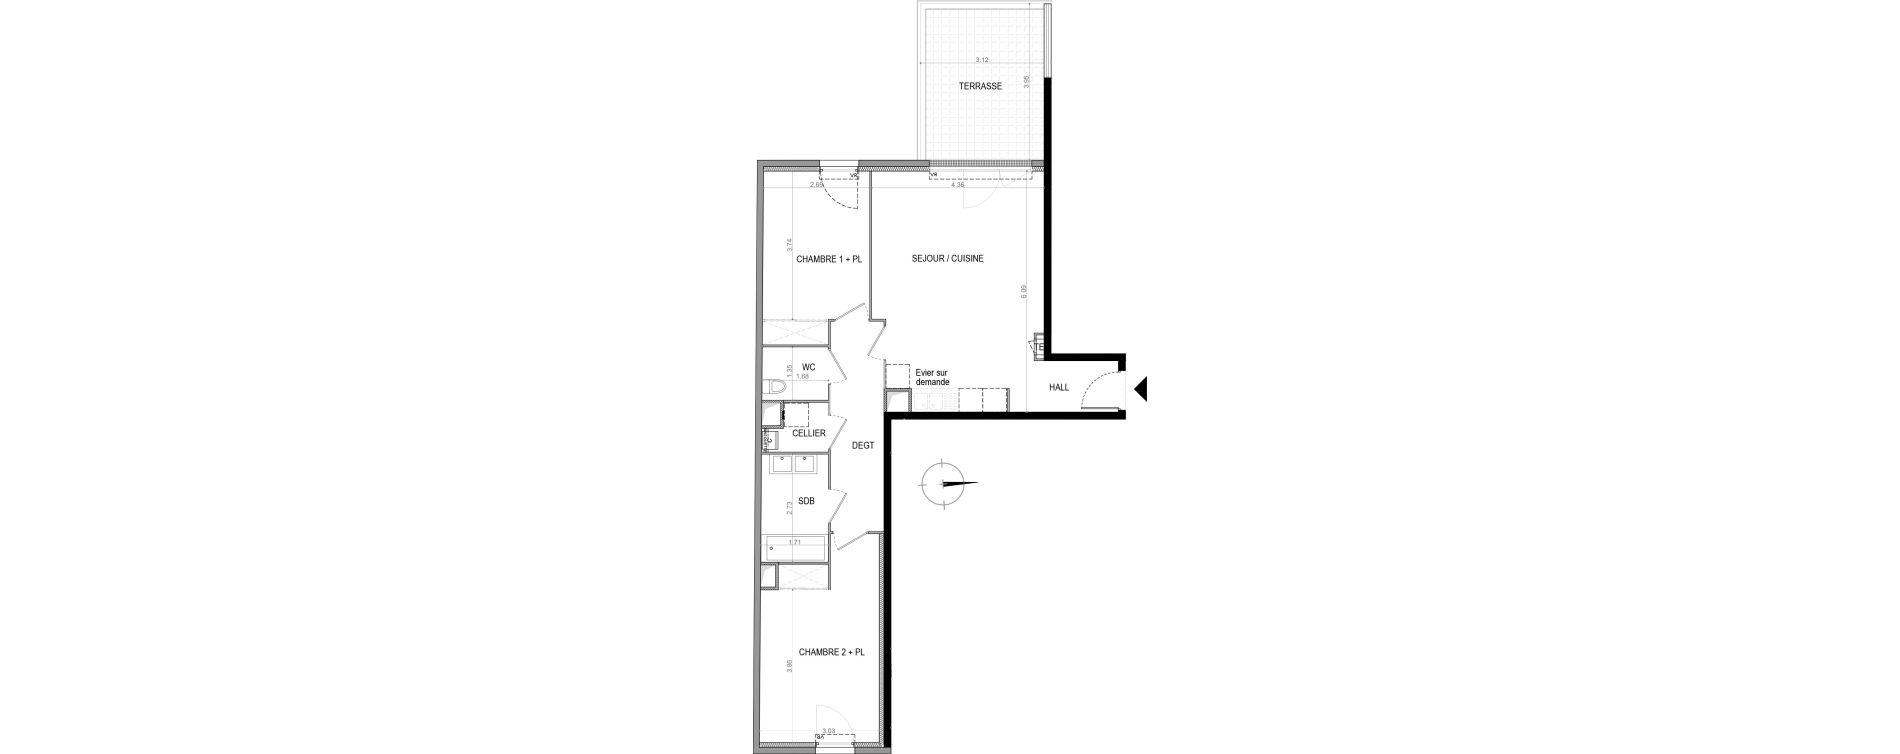 Appartement T3 de 67,07 m2 à La Seyne-Sur-Mer Porte marine